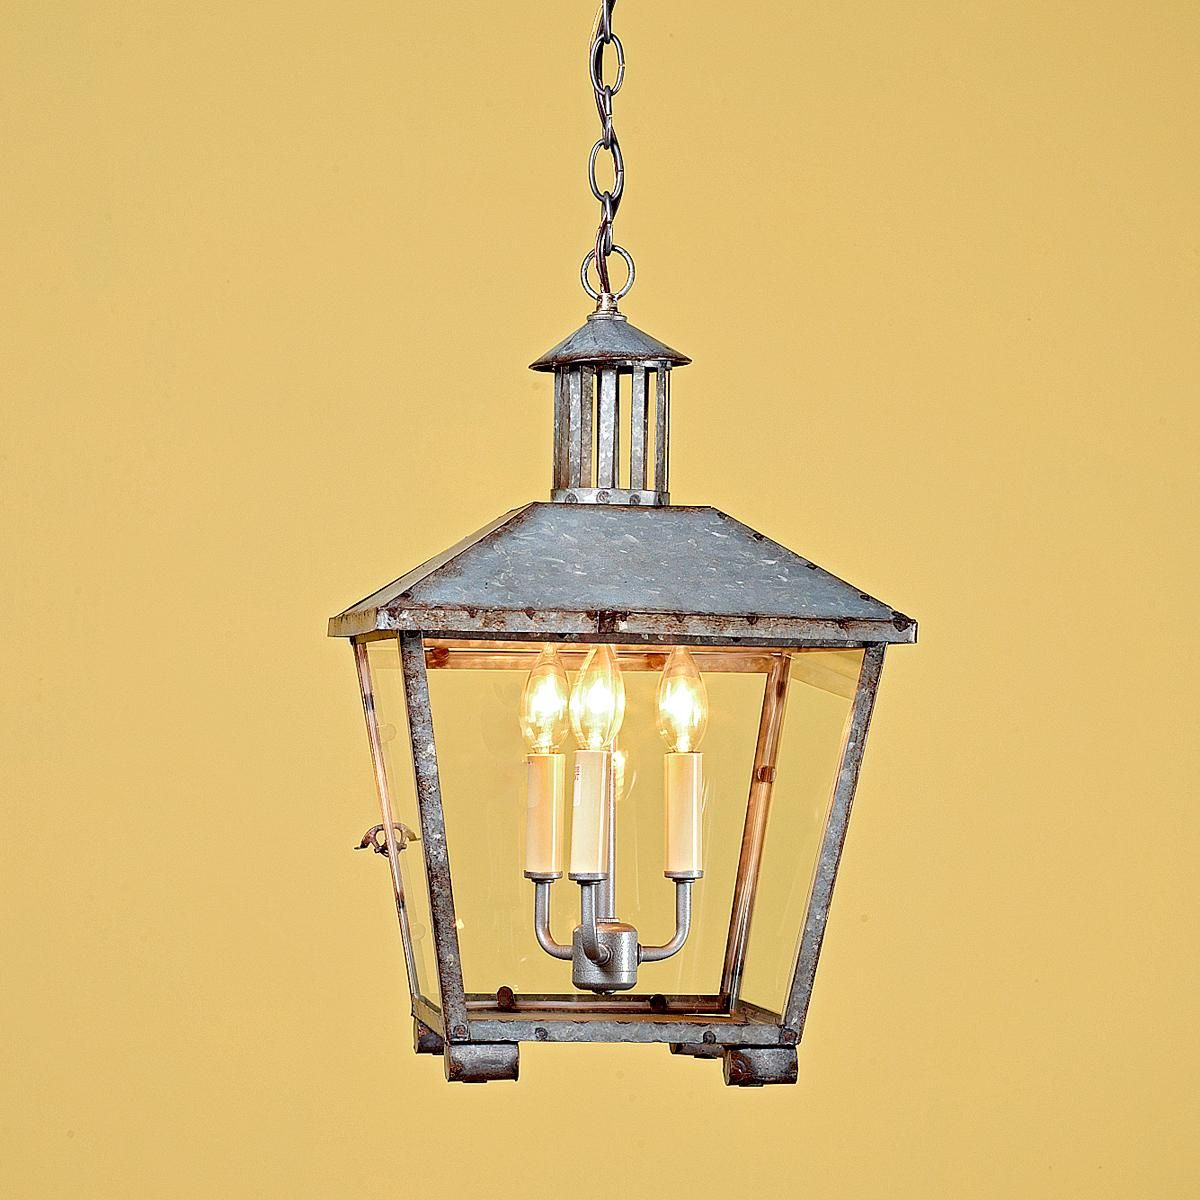 Rustic Galvanized Lantern Metal Lanterns Hanging Lanterns Lantern Pendant